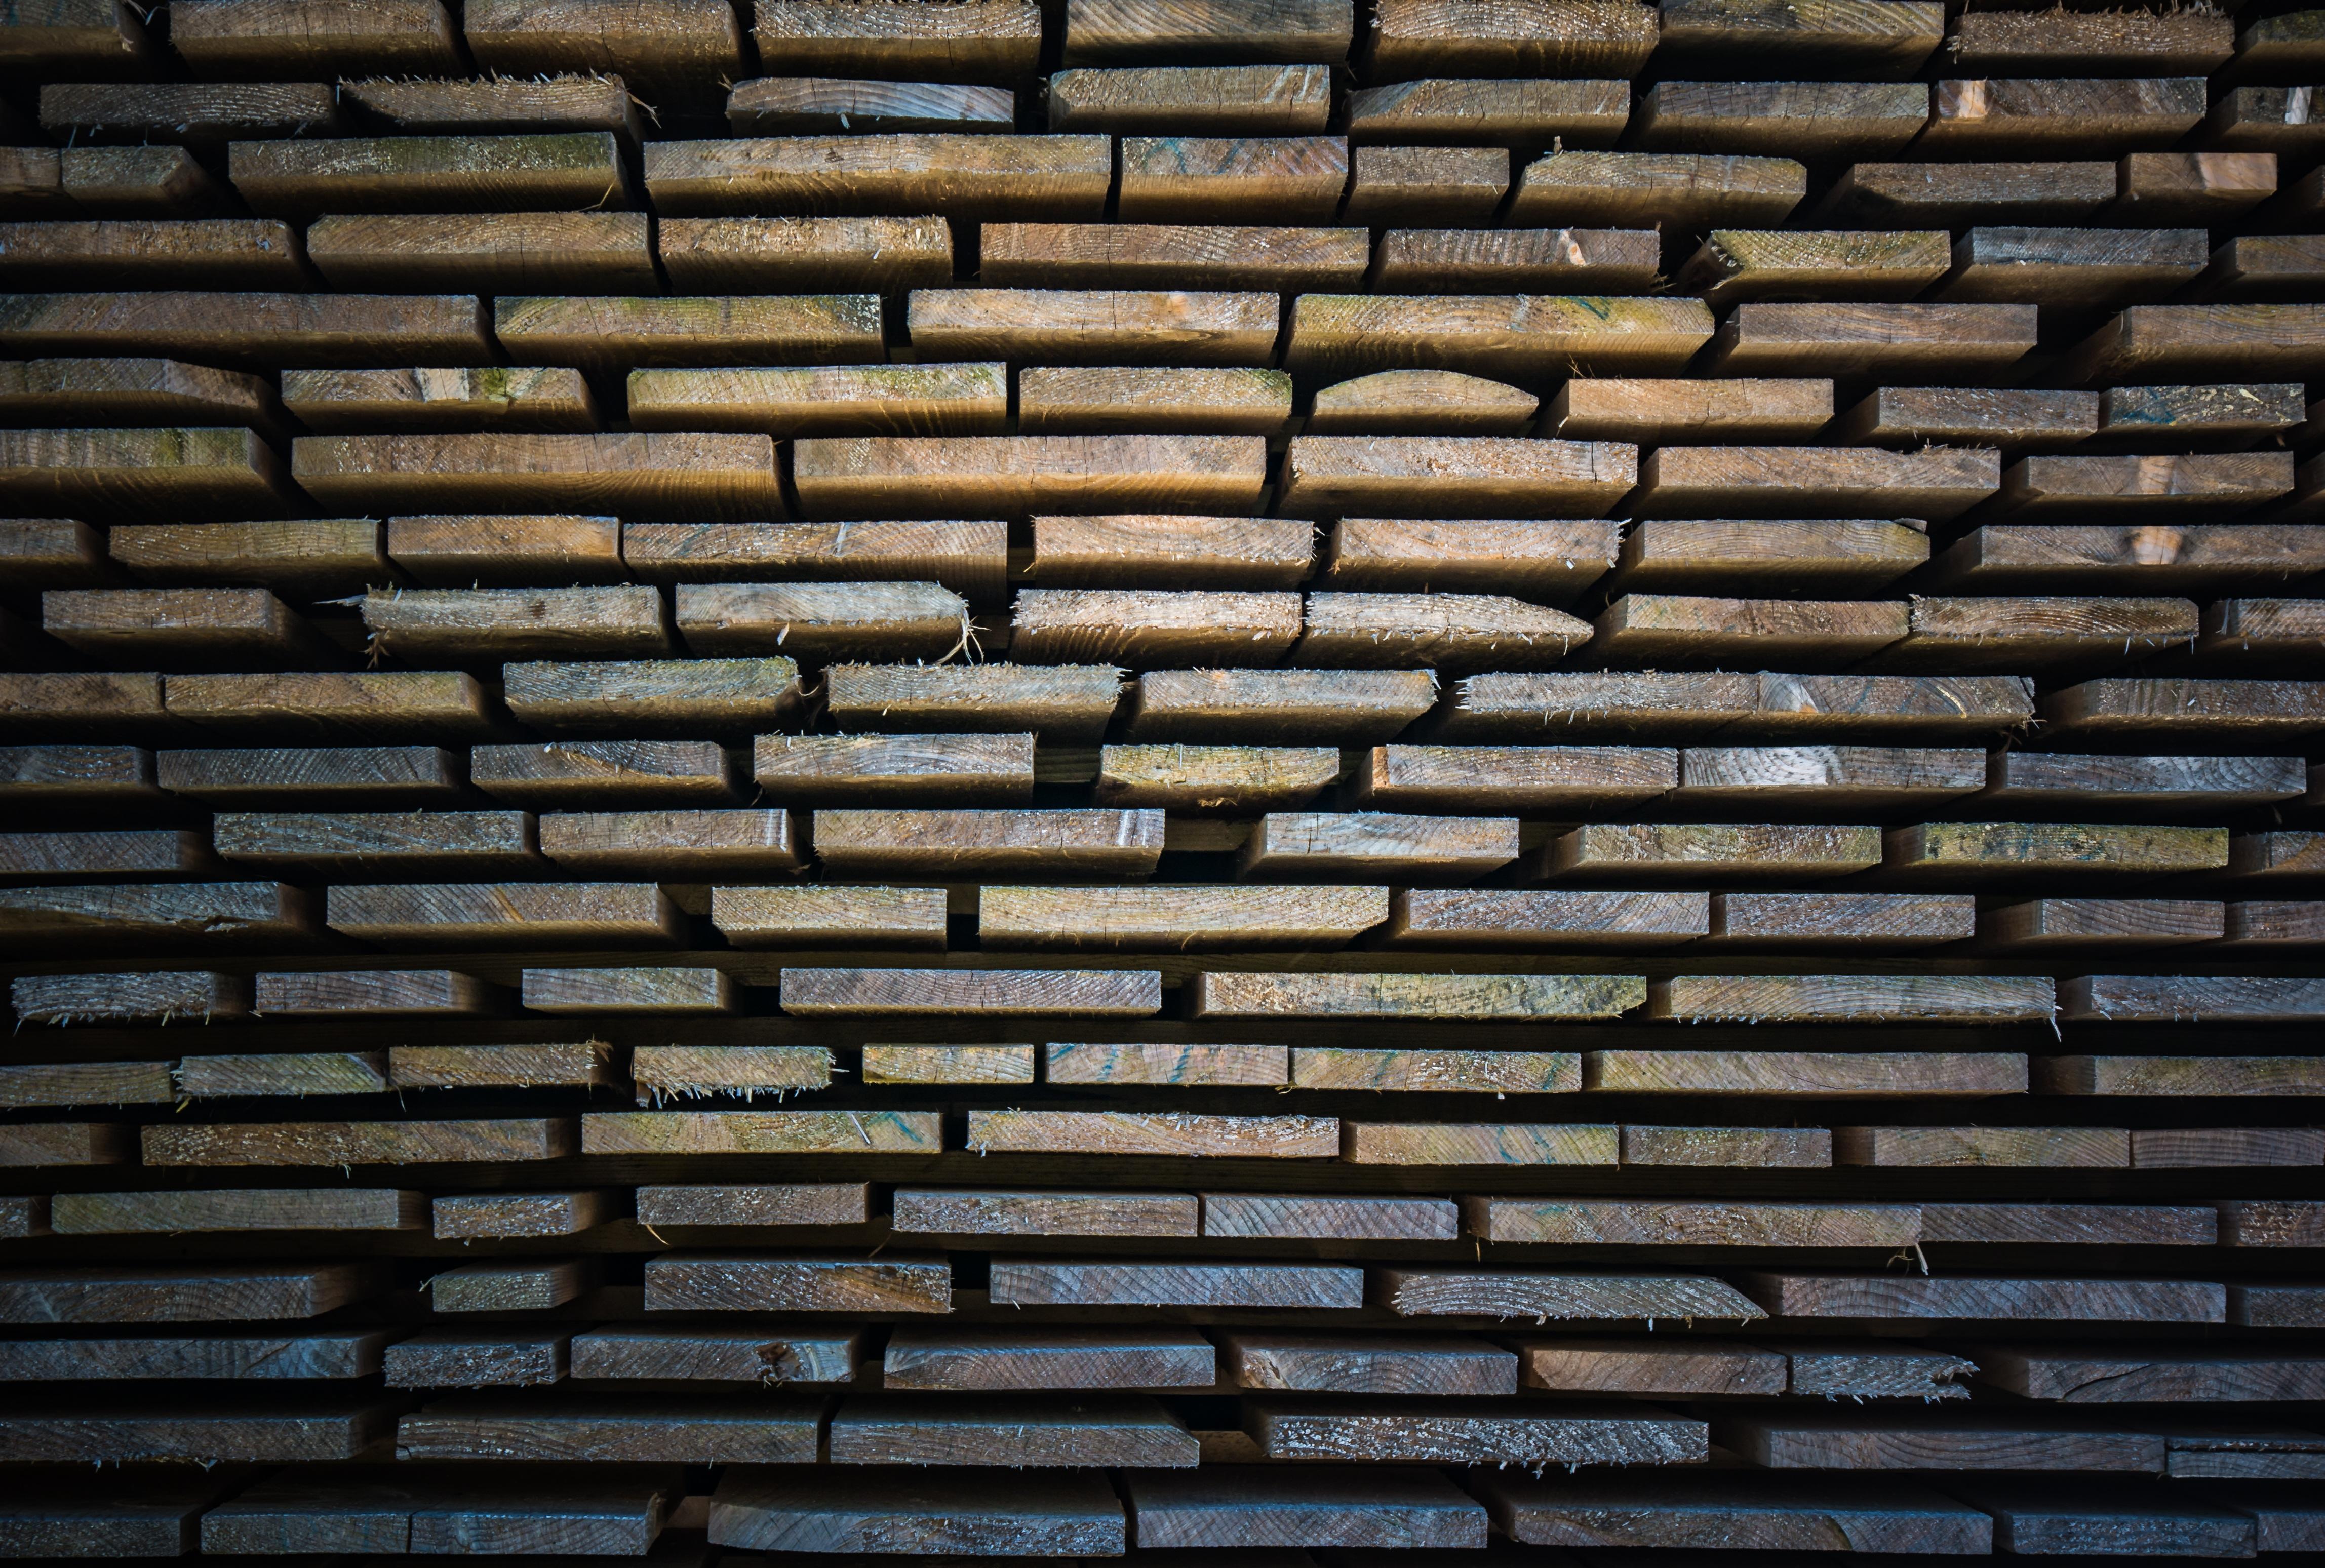 Licht Holz Textur Stock Mauer Sammlung Lampe Steinwand Stapel Ziegel  Beleuchtung Material Scheinwerfer Leuchter Energie Bretter